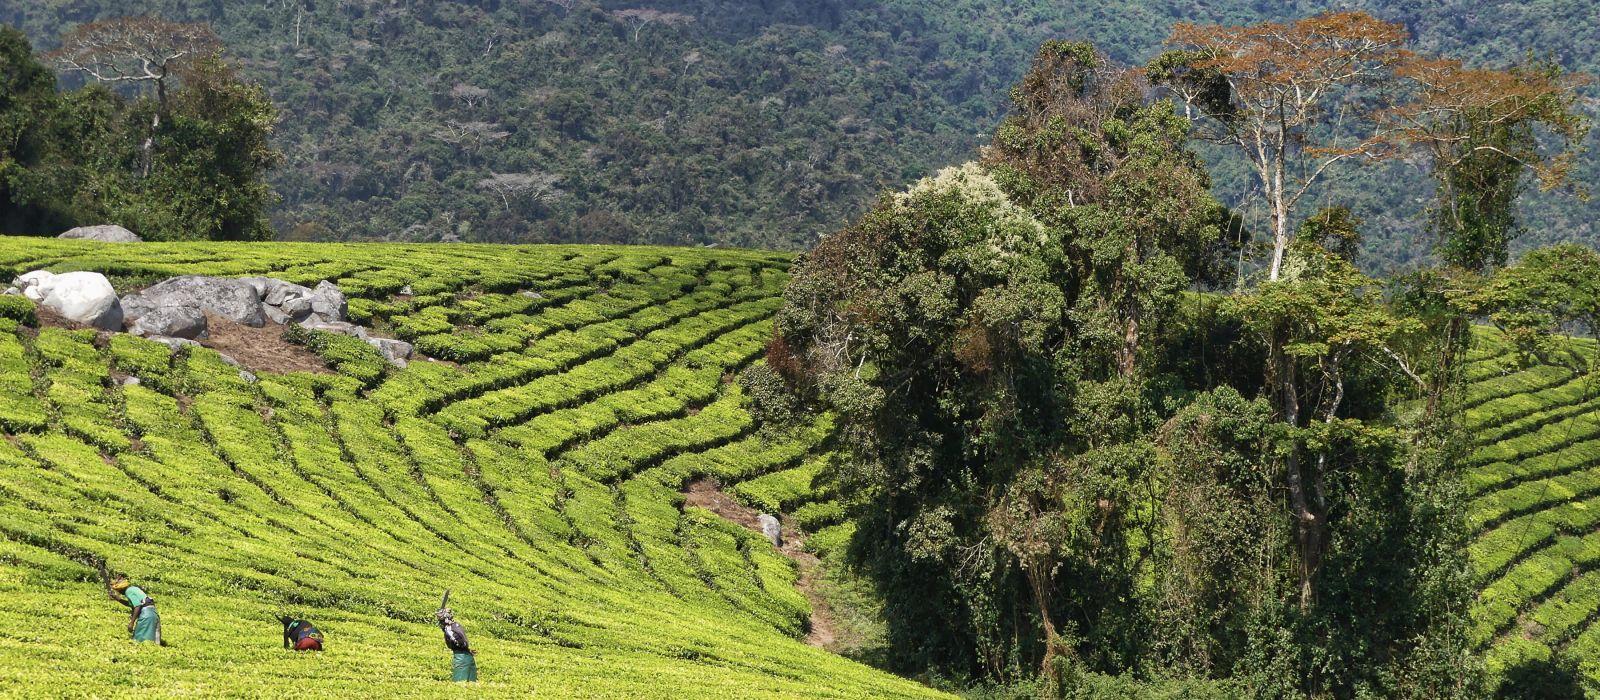 Teeplantage Tansania, Afrika